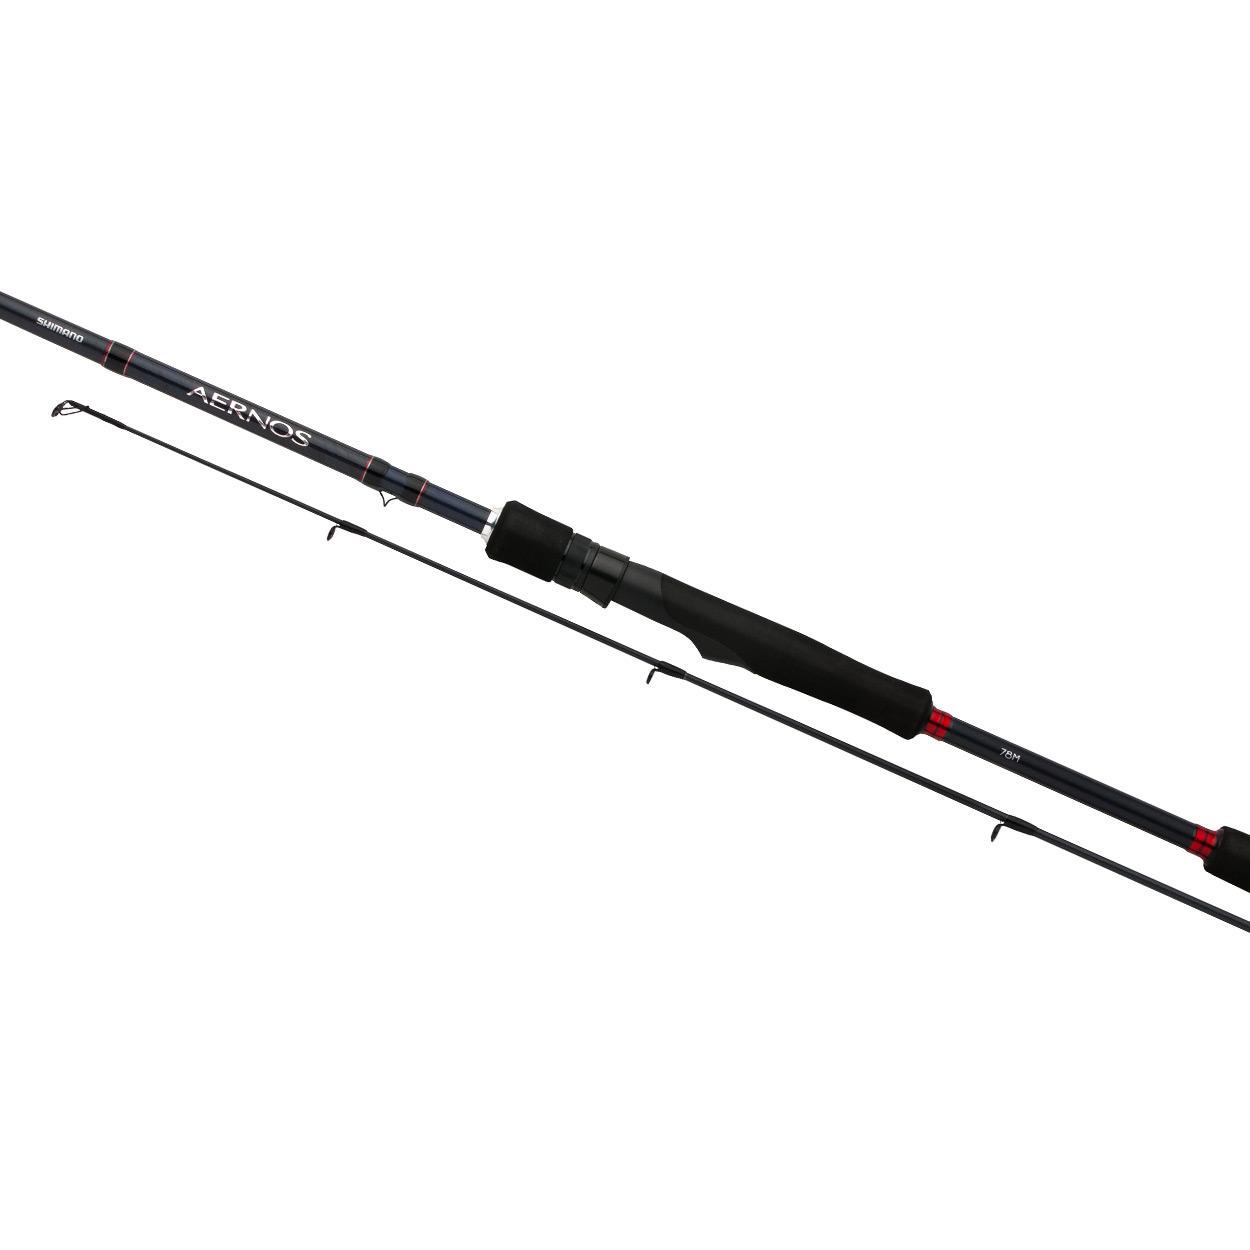 Удилище спиннинговое SHIMANO AERNOS AX Spinning 6'1 3-14 L (+ Леска в подарок!) shimano aernos spinning 270 sarns271540